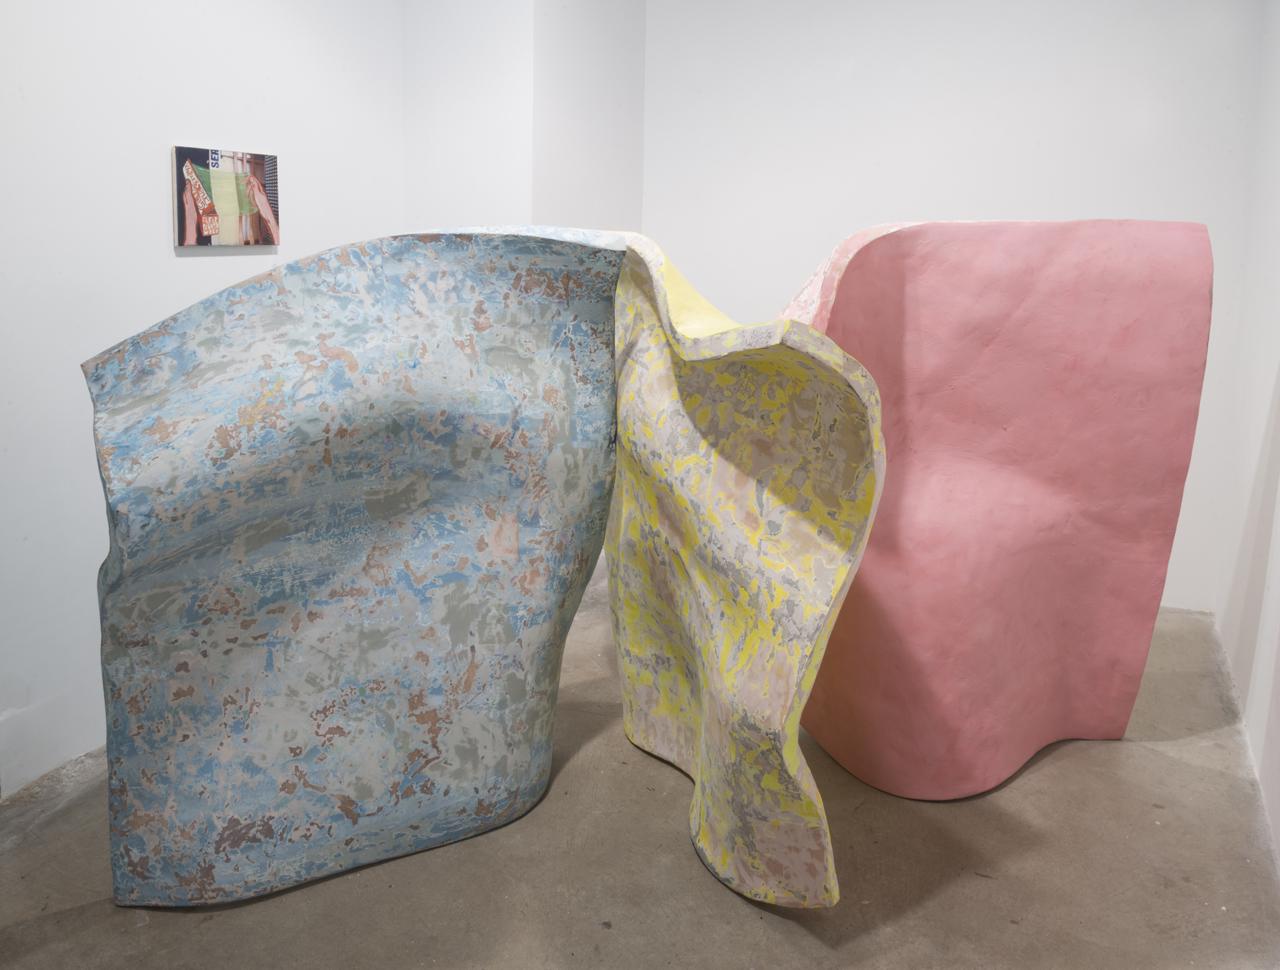 """Ezra Johnson, """"Der, Die, Das Installation Shot"""" (2014), polystyrene, resin, bondo, enamel, 62 x 60 x 72 in, with """"Ser"""" (2011), oil on canvas in the back left"""